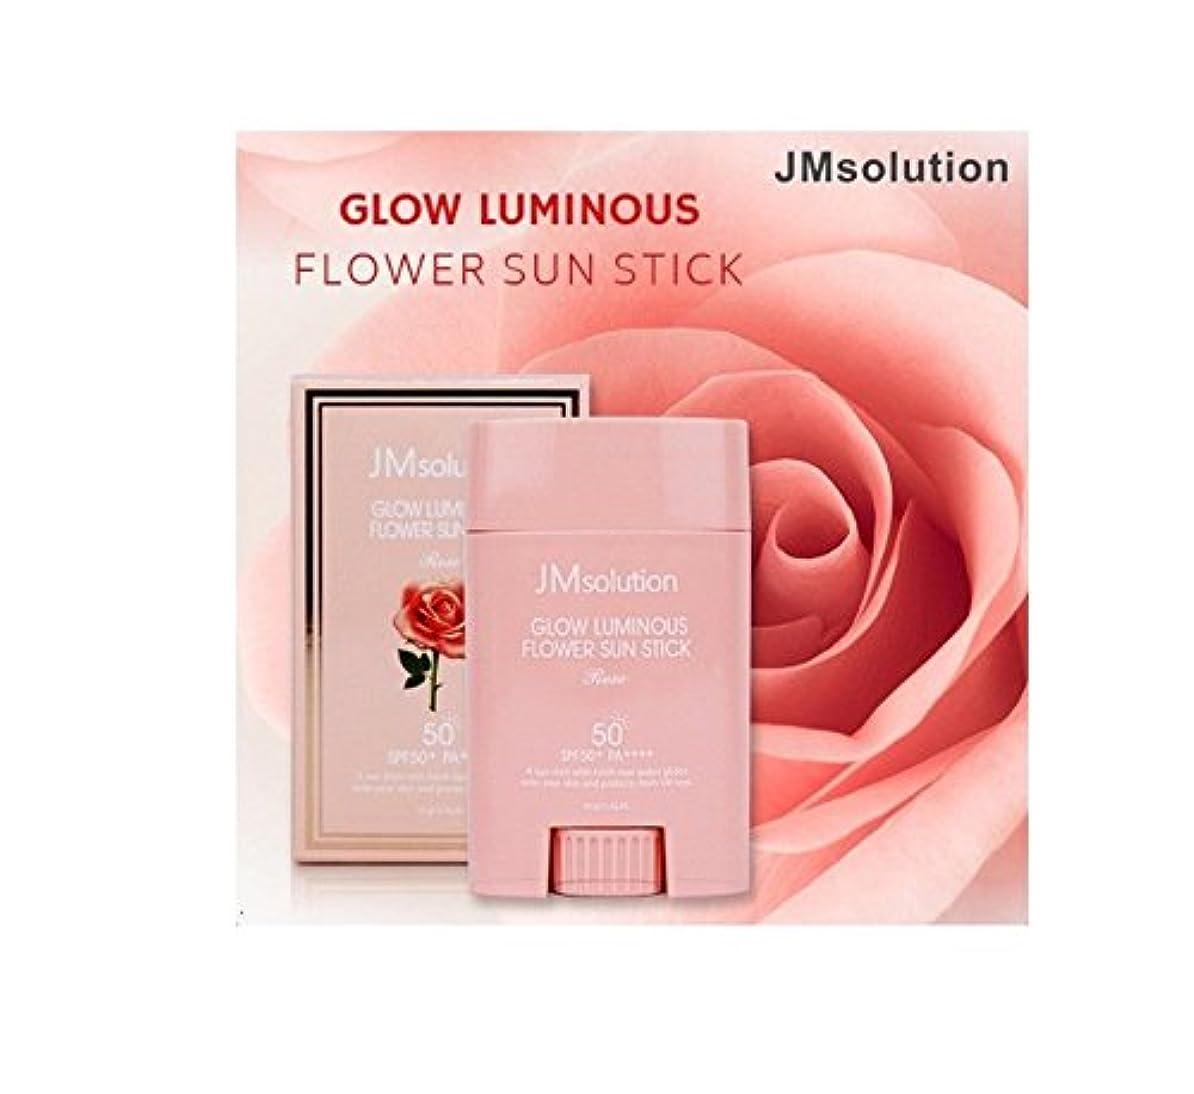 ふつう伝染病指標JM Solution Glow Luminous Flower Sun Stick Rose 21g (spf50 PA) 光る輝く花Sun Stick Rose